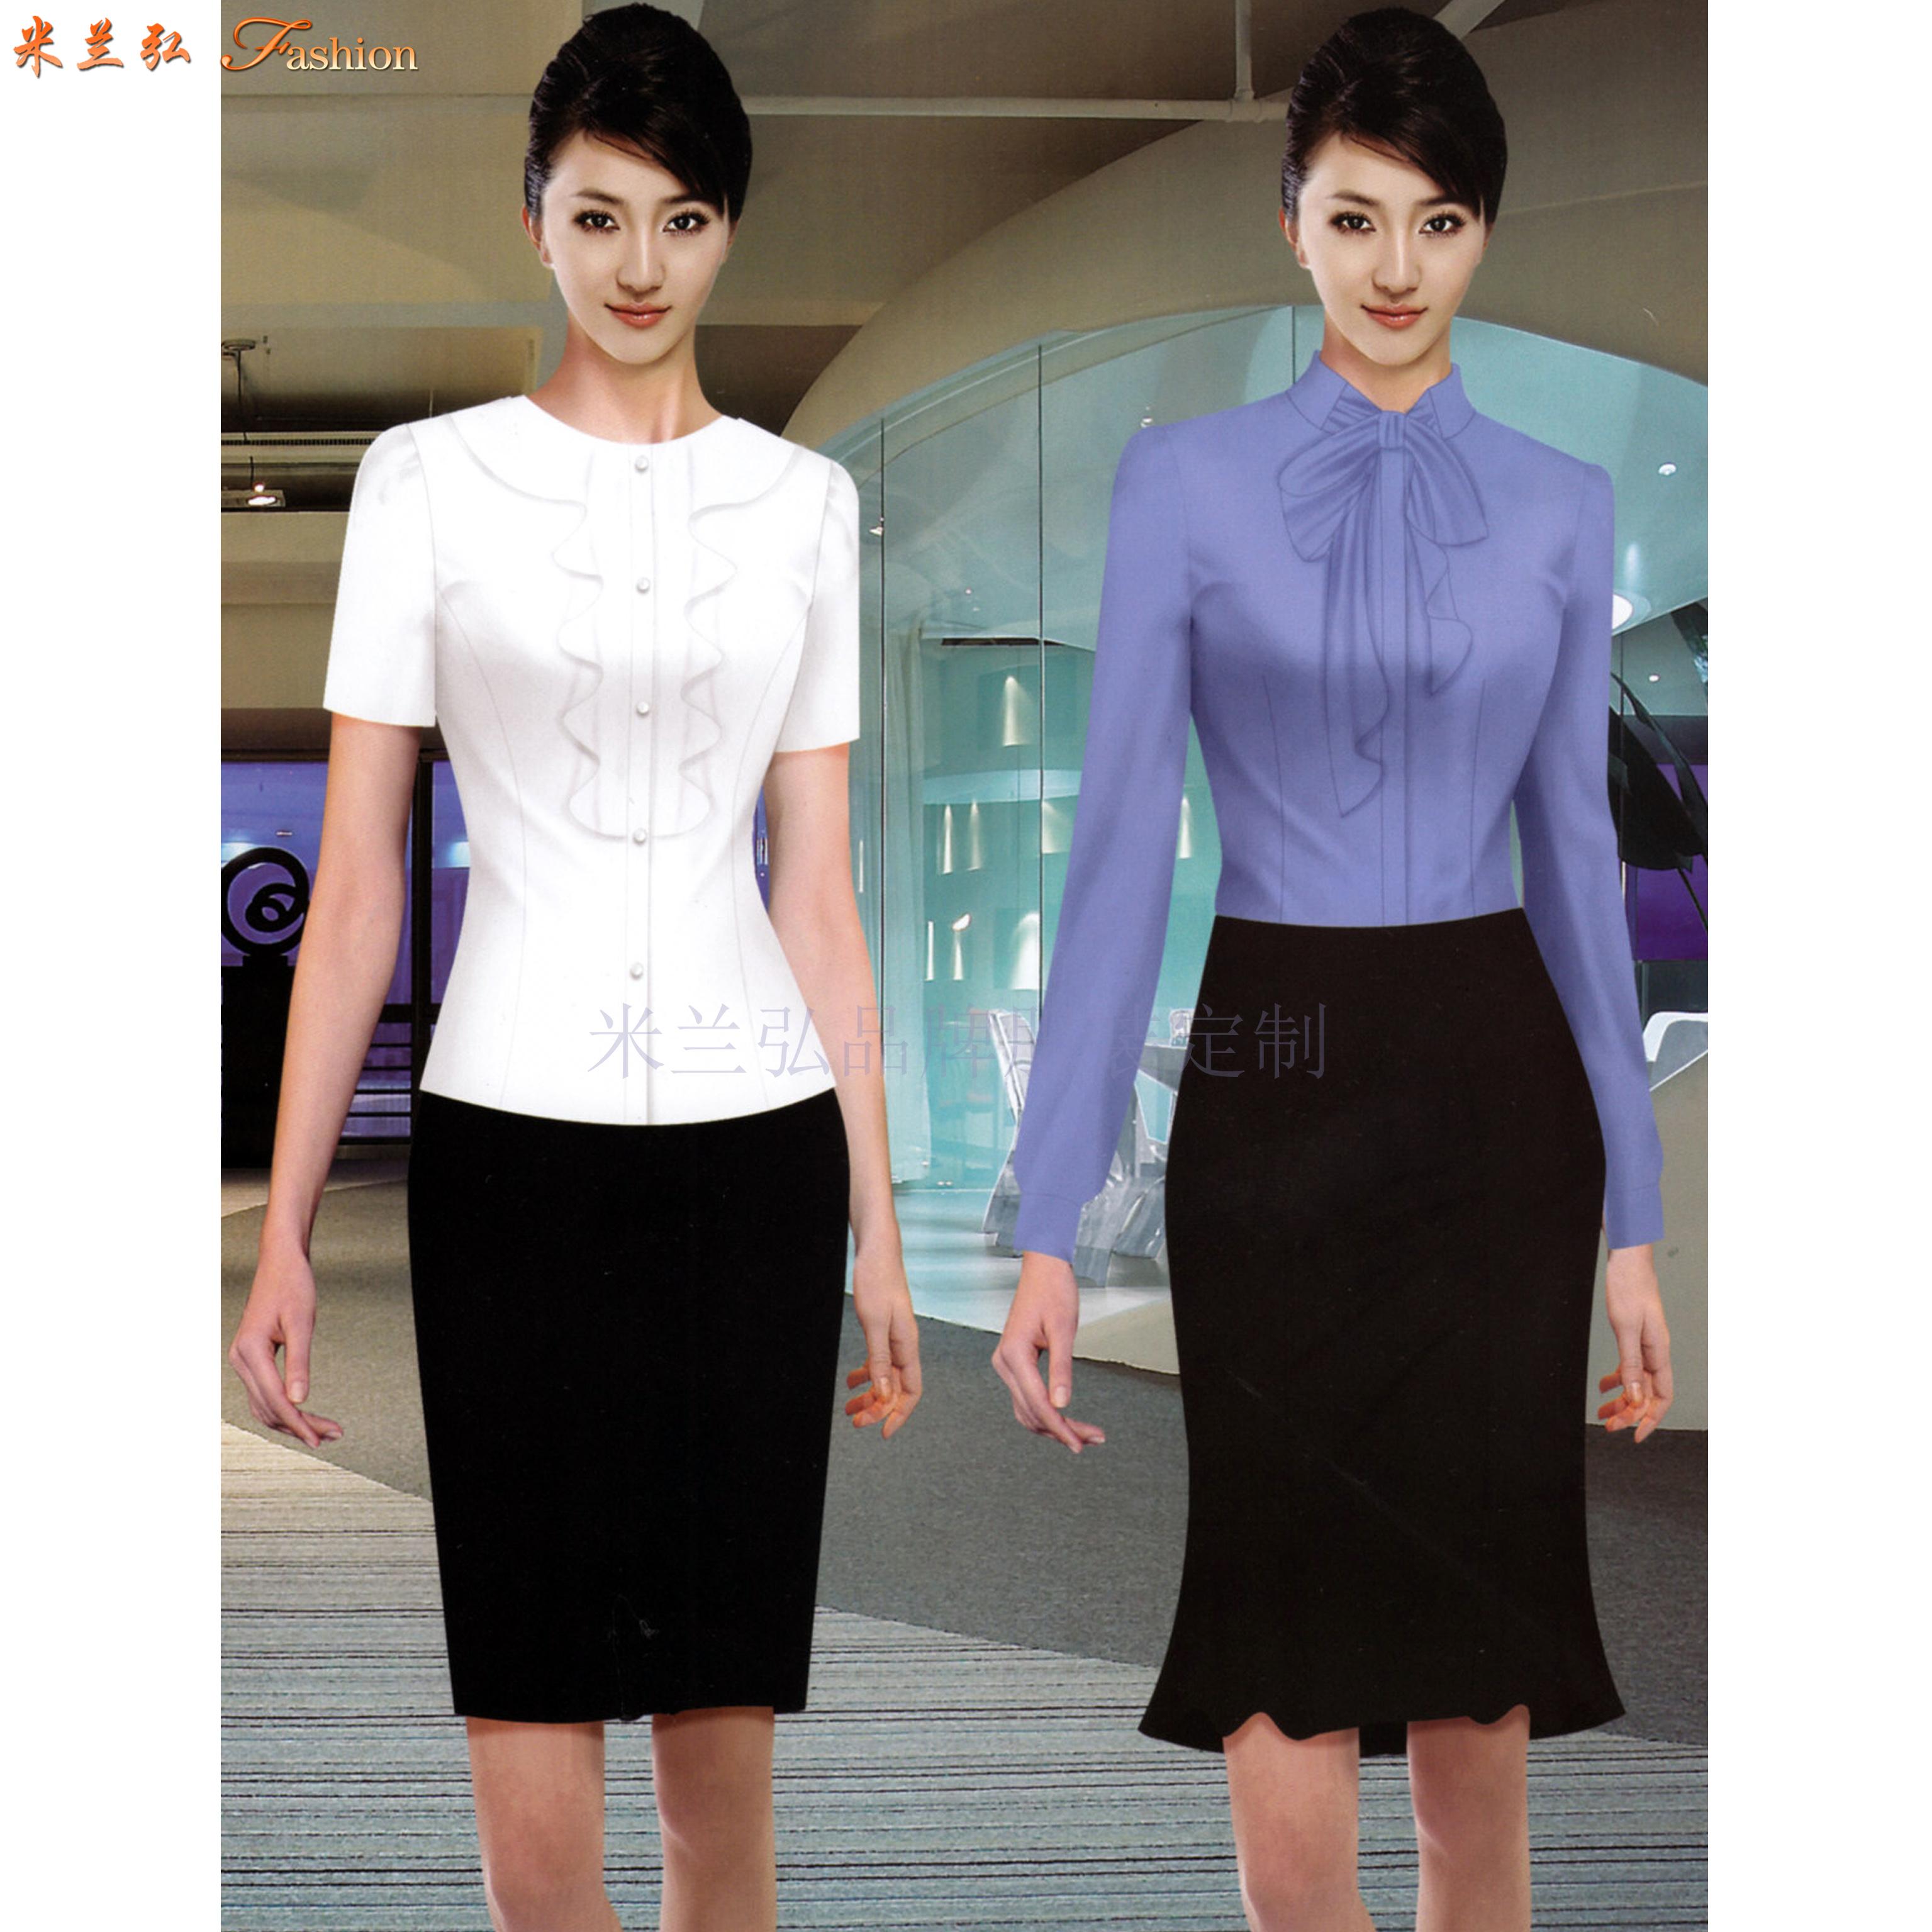 江西定制襯衫-定做免燙襯衫品牌-米蘭弘服裝-2